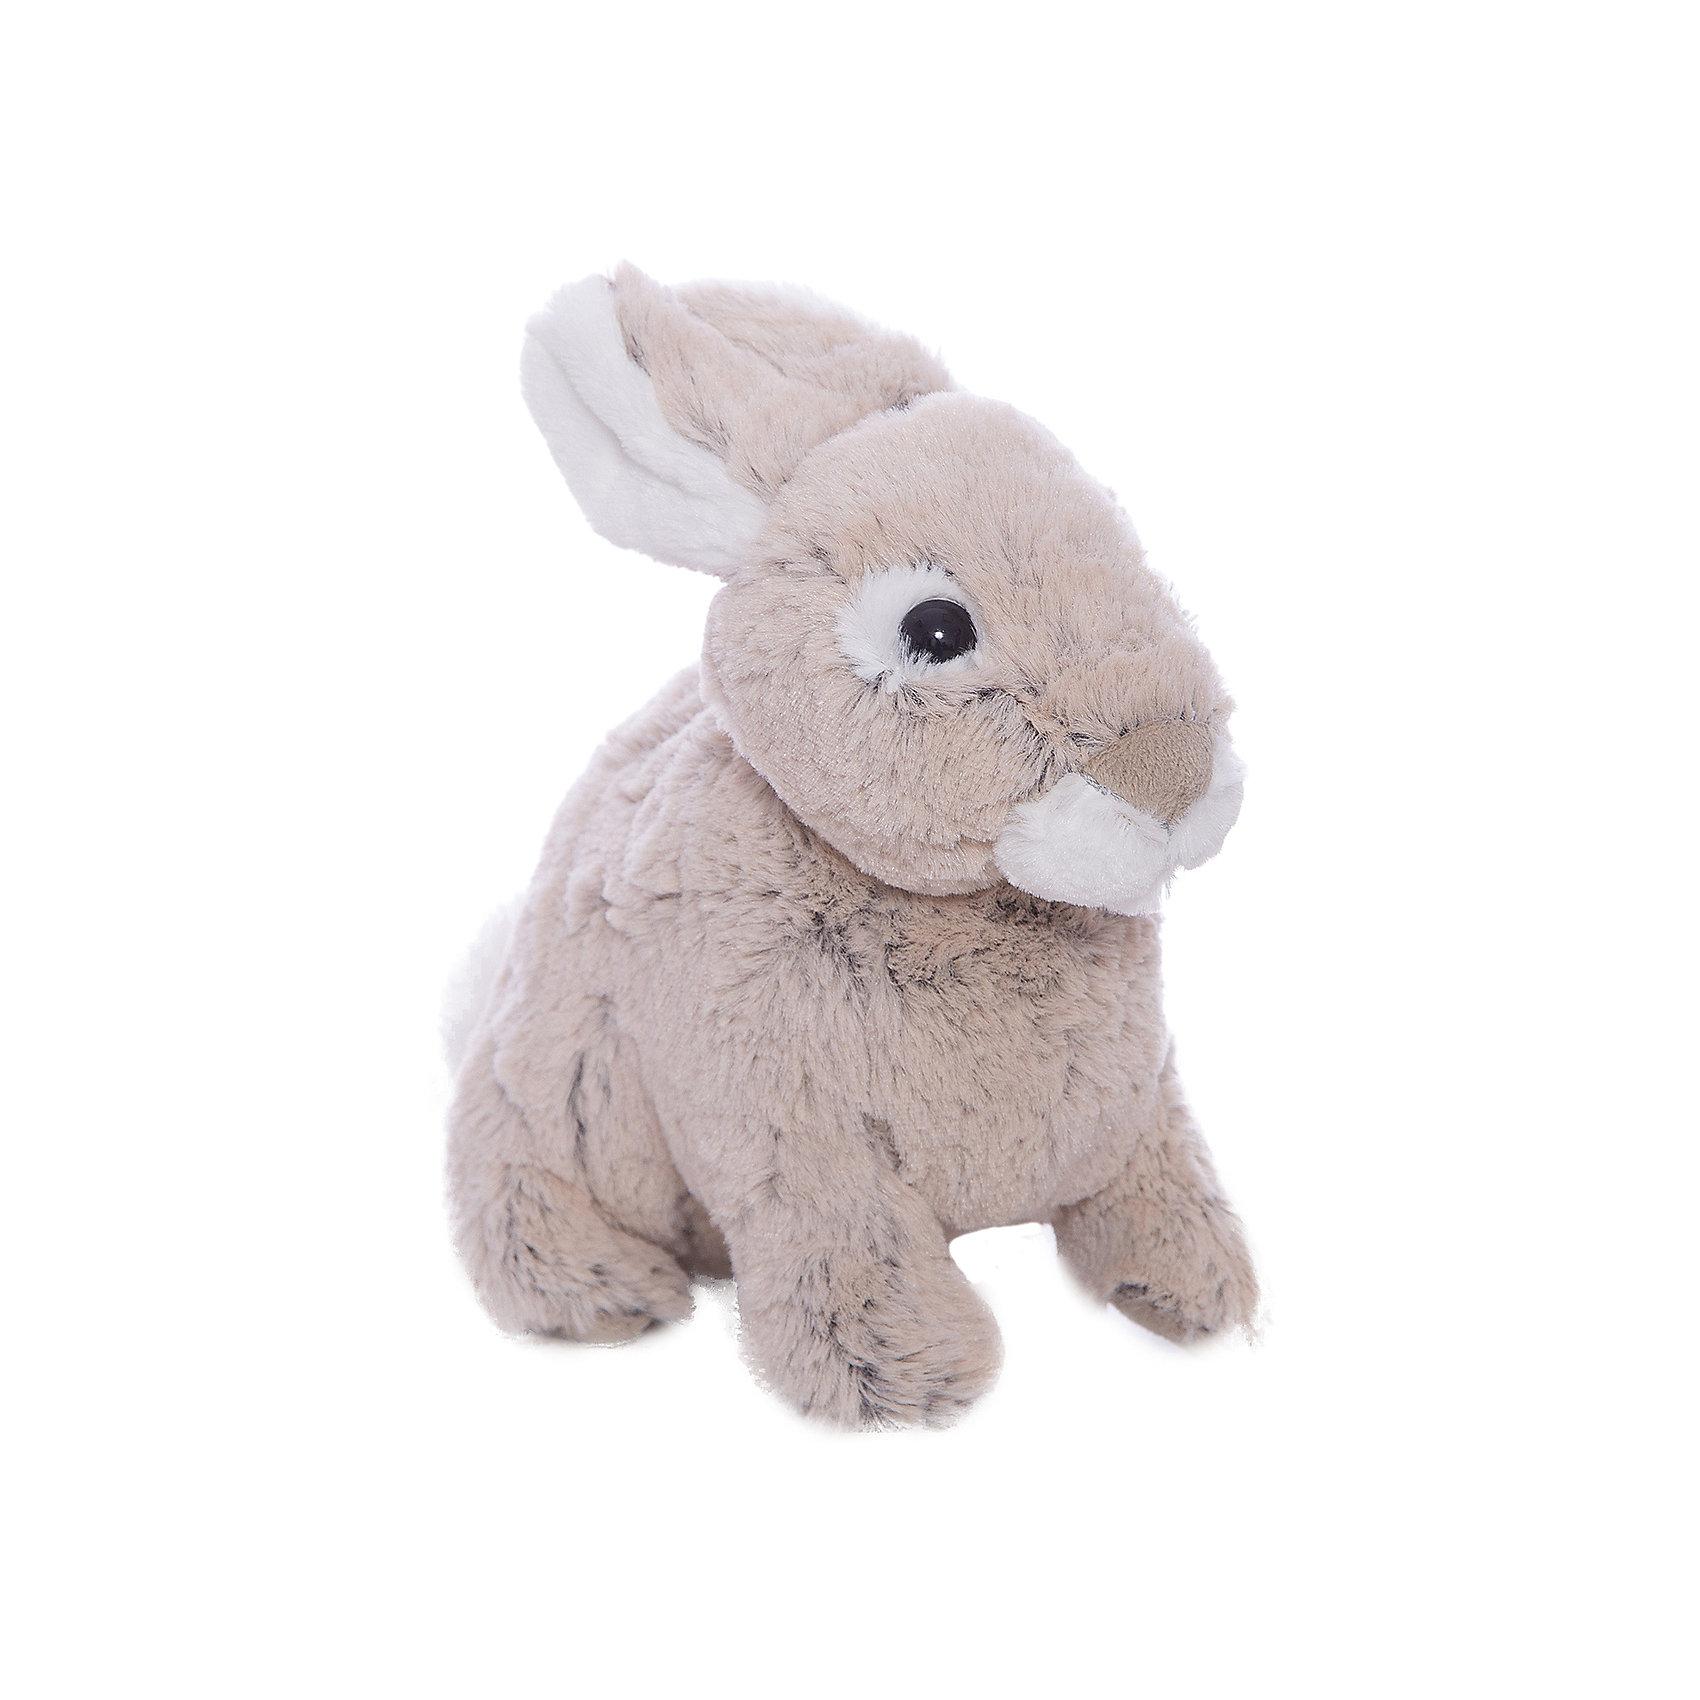 Мягкая игрушка Melissa&amp;Doug Кролик, 23 смМягкие игрушки животные<br>Характеристики:<br><br>• возраст: от 3 месяцев<br>• высота игрушки: 23 см.<br>• материал: текстиль, наполнитель<br><br>Мягкий и пушистый серый кролик пошит из современных материалов высочайшего качества, которые прошли проверку на гипоаллергенность, благодаря чему отлично подойдет для малышей от 3 месяцев.<br><br>Мягкая шерстка кролика очень приятна на ощупь, она не линяет и не скатывается со временем. Мелкие детали, такие, как глазки, надежно закреплены, а не просто приклеены, что обеспечит безопасность во время игр.<br><br>Игры с милым кроликом будут способствовать развитию тактильных ощущений, цветовосприятия, моторики и фантазии ребенка.<br><br>Мягкую игрушку Melissa&amp;Doug Кролик можно купить в нашем интернет-магазине.<br><br>Ширина мм: 230<br>Глубина мм: 130<br>Высота мм: 280<br>Вес г: 181<br>Возраст от месяцев: 36<br>Возраст до месяцев: 2147483647<br>Пол: Унисекс<br>Возраст: Детский<br>SKU: 7054927